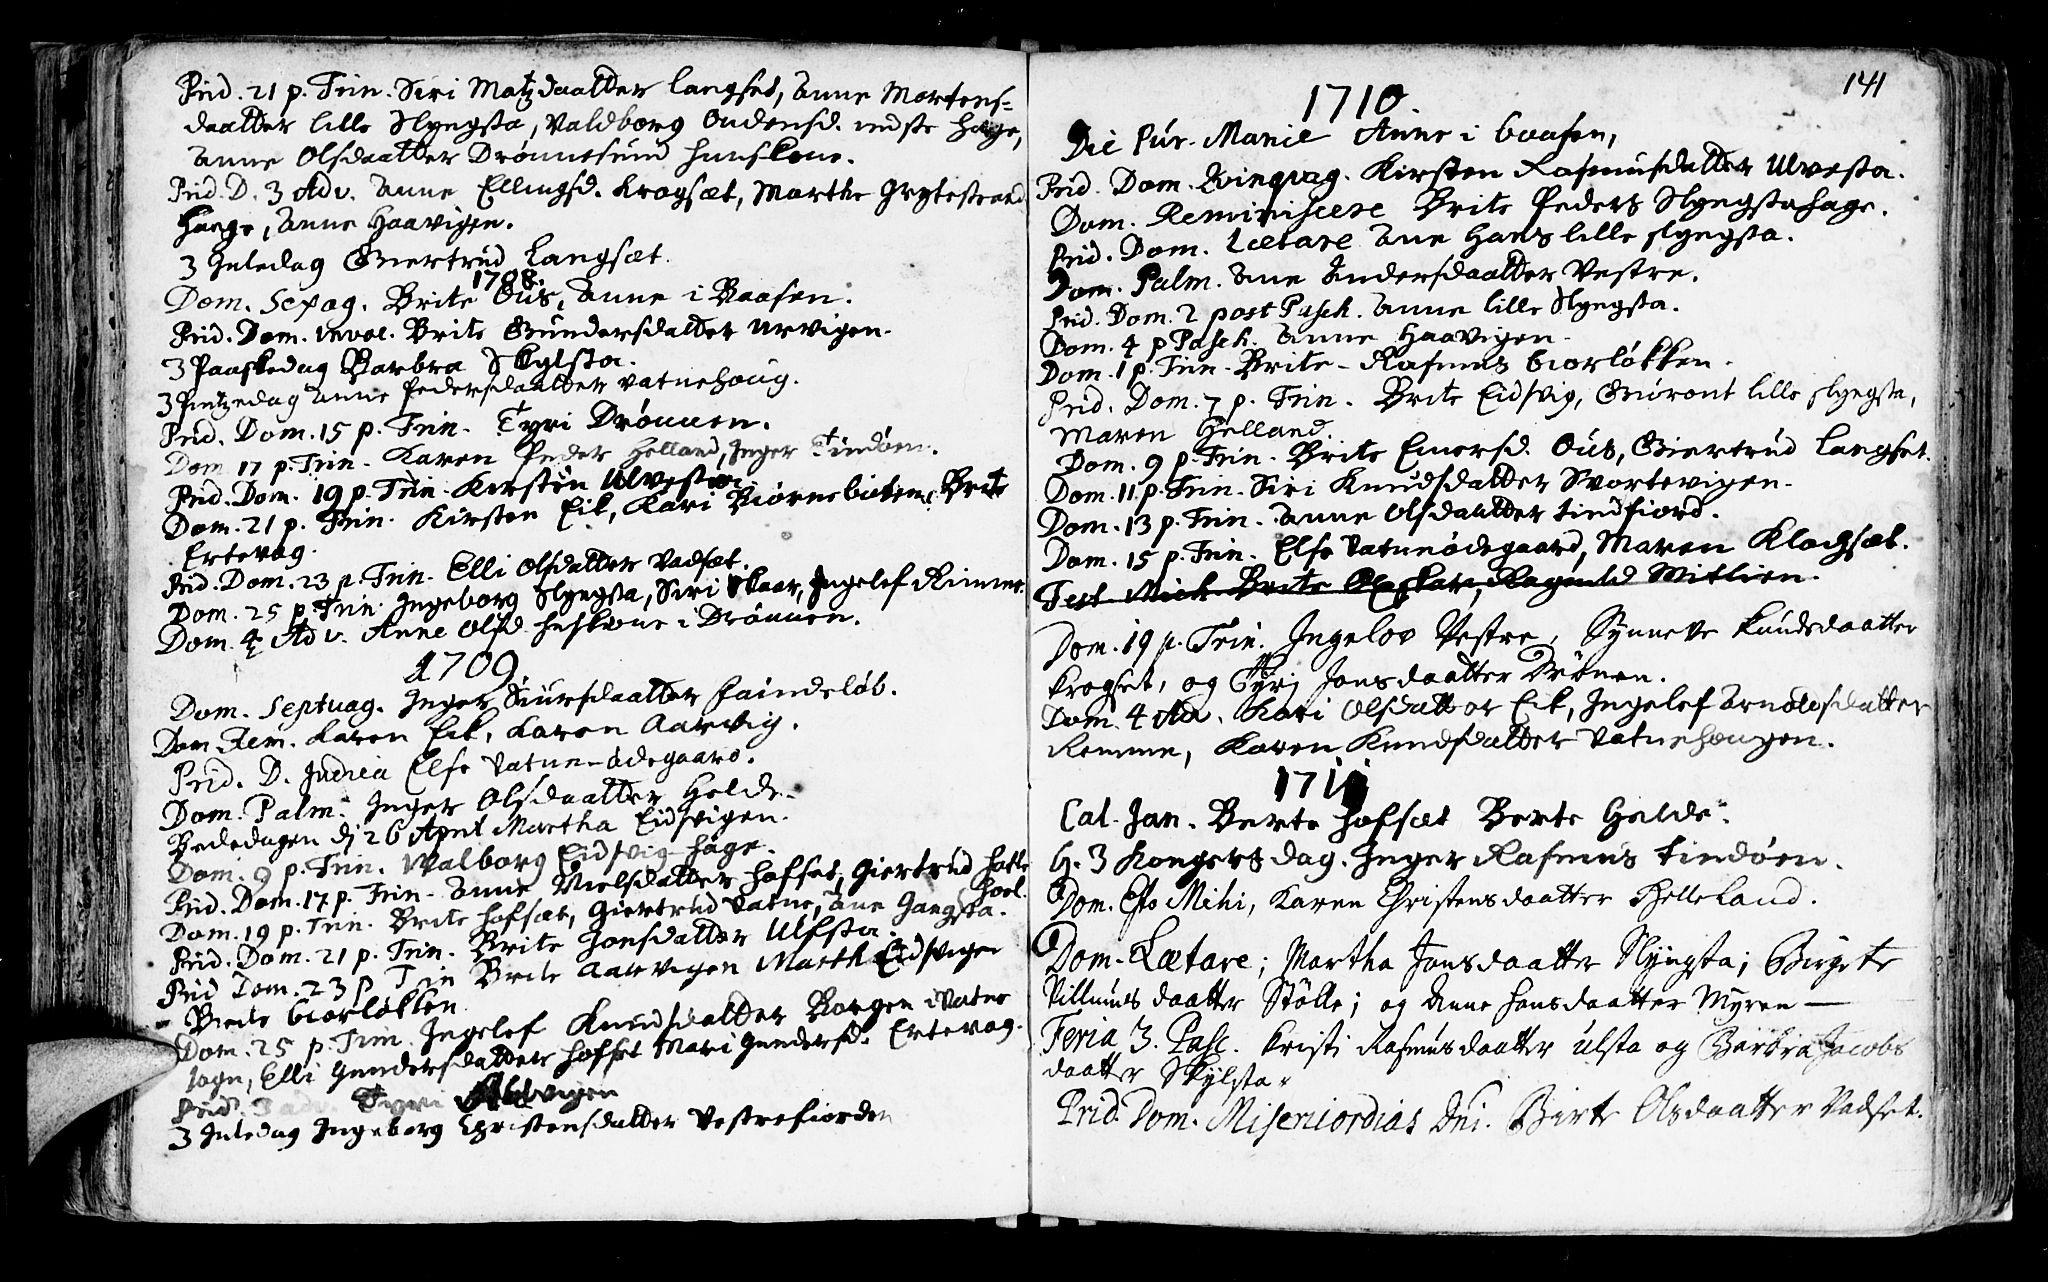 SAT, Ministerialprotokoller, klokkerbøker og fødselsregistre - Møre og Romsdal, 525/L0371: Ministerialbok nr. 525A01, 1699-1777, s. 141